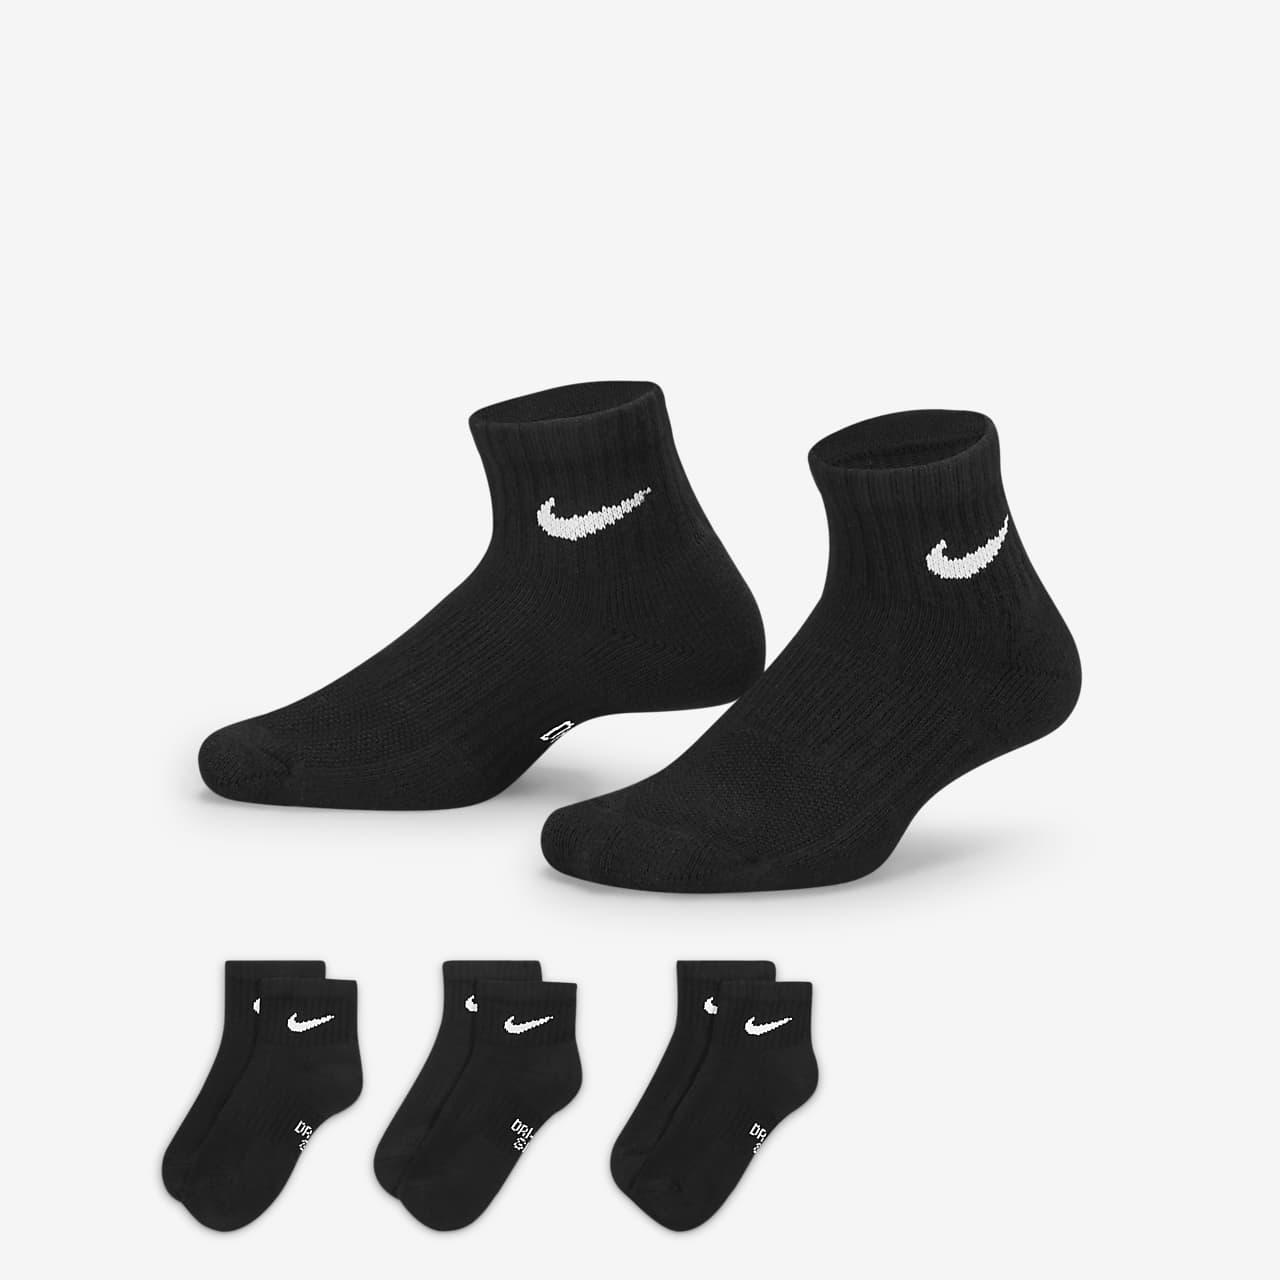 Nike Everyday ankelsokker med demping til store barn (3 par)